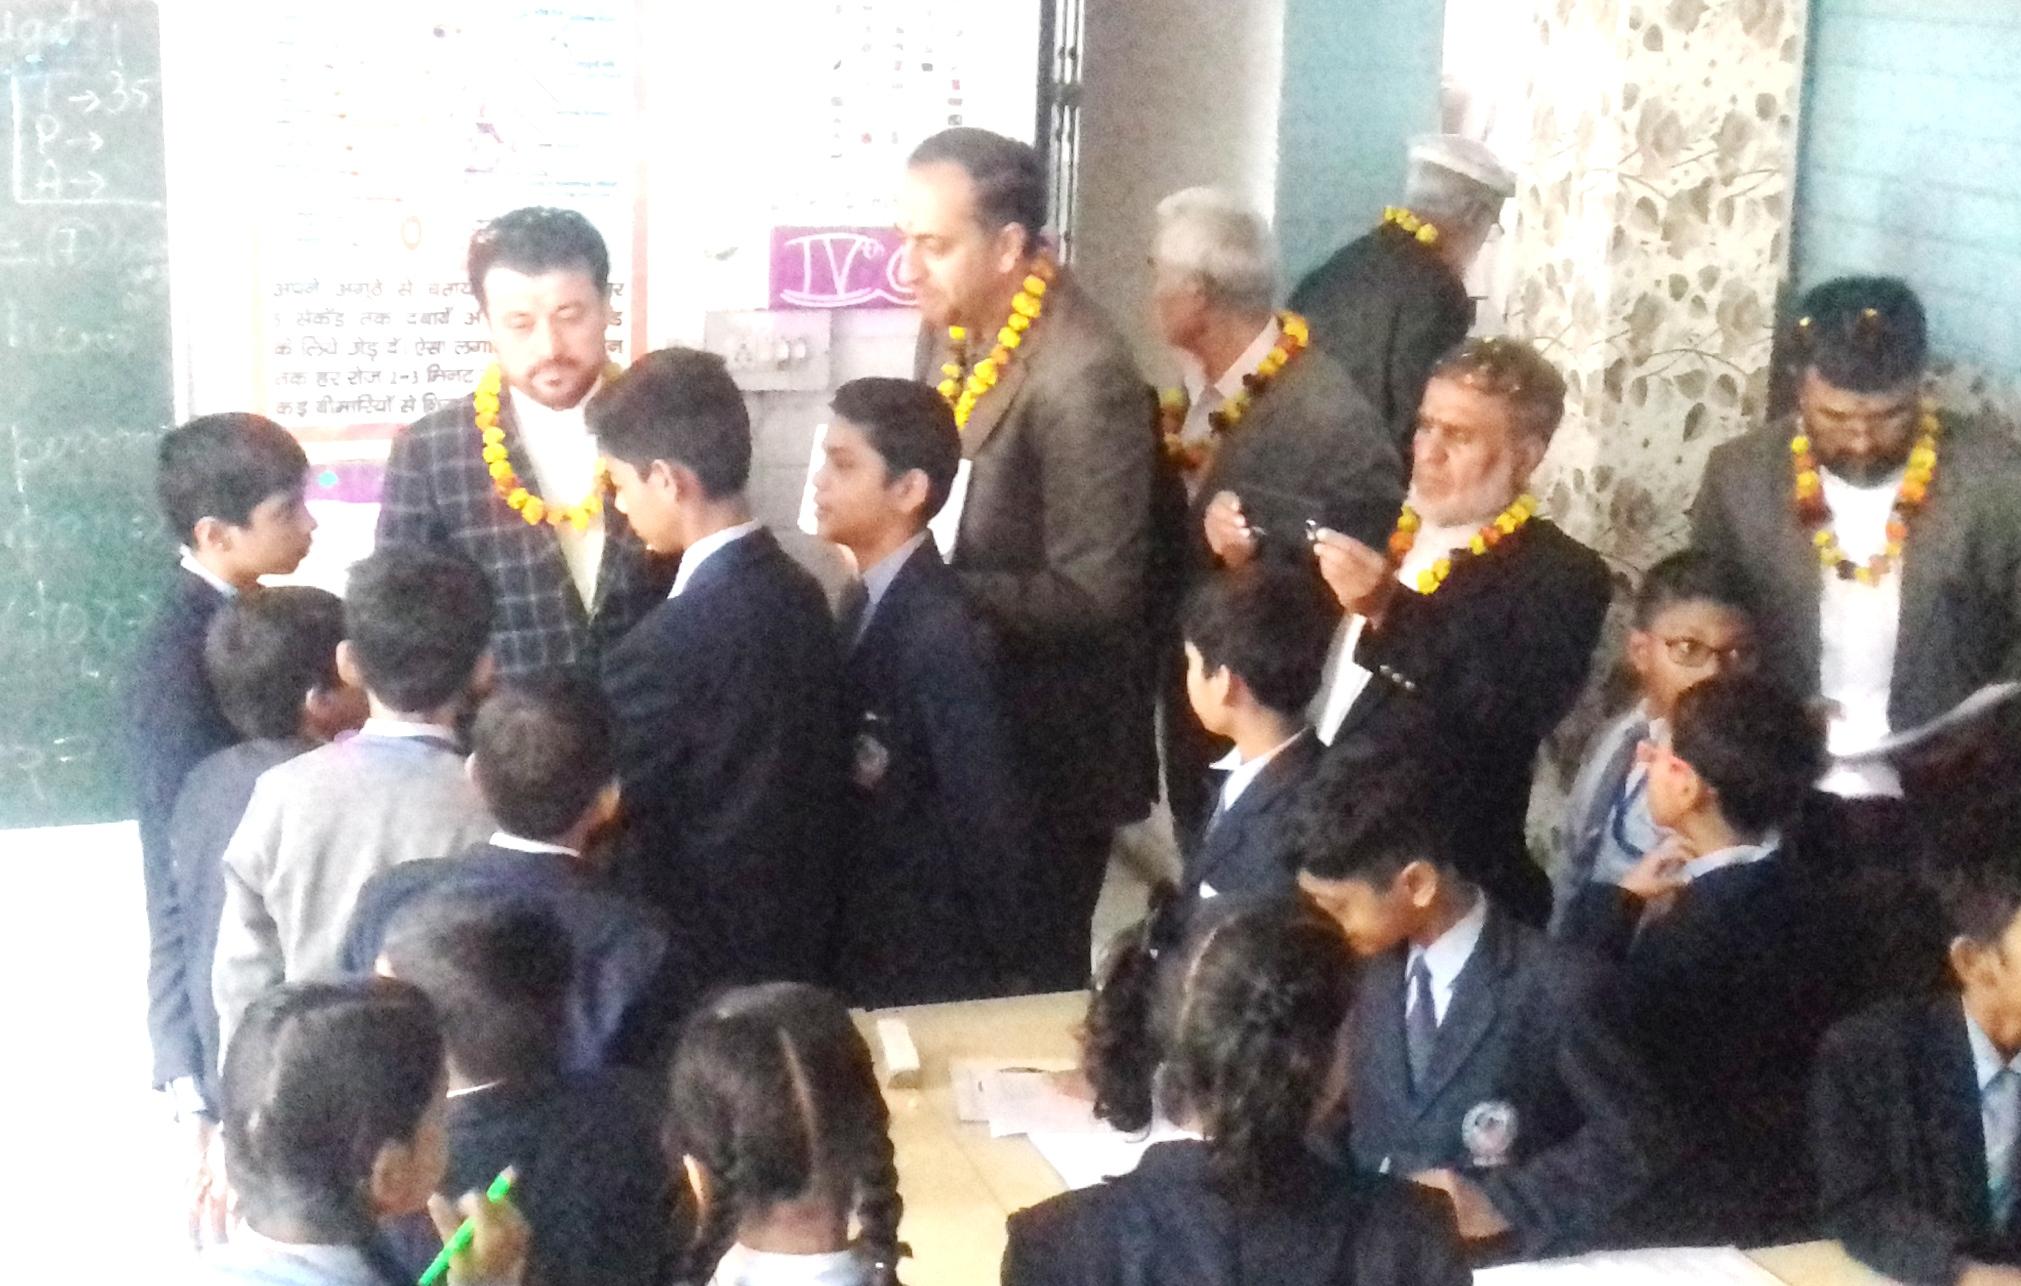 मुनि इंटरनेशनल स्कूल की शिक्षण पद्दति से प्रभावित हुआ अफगानिस्तानी दल